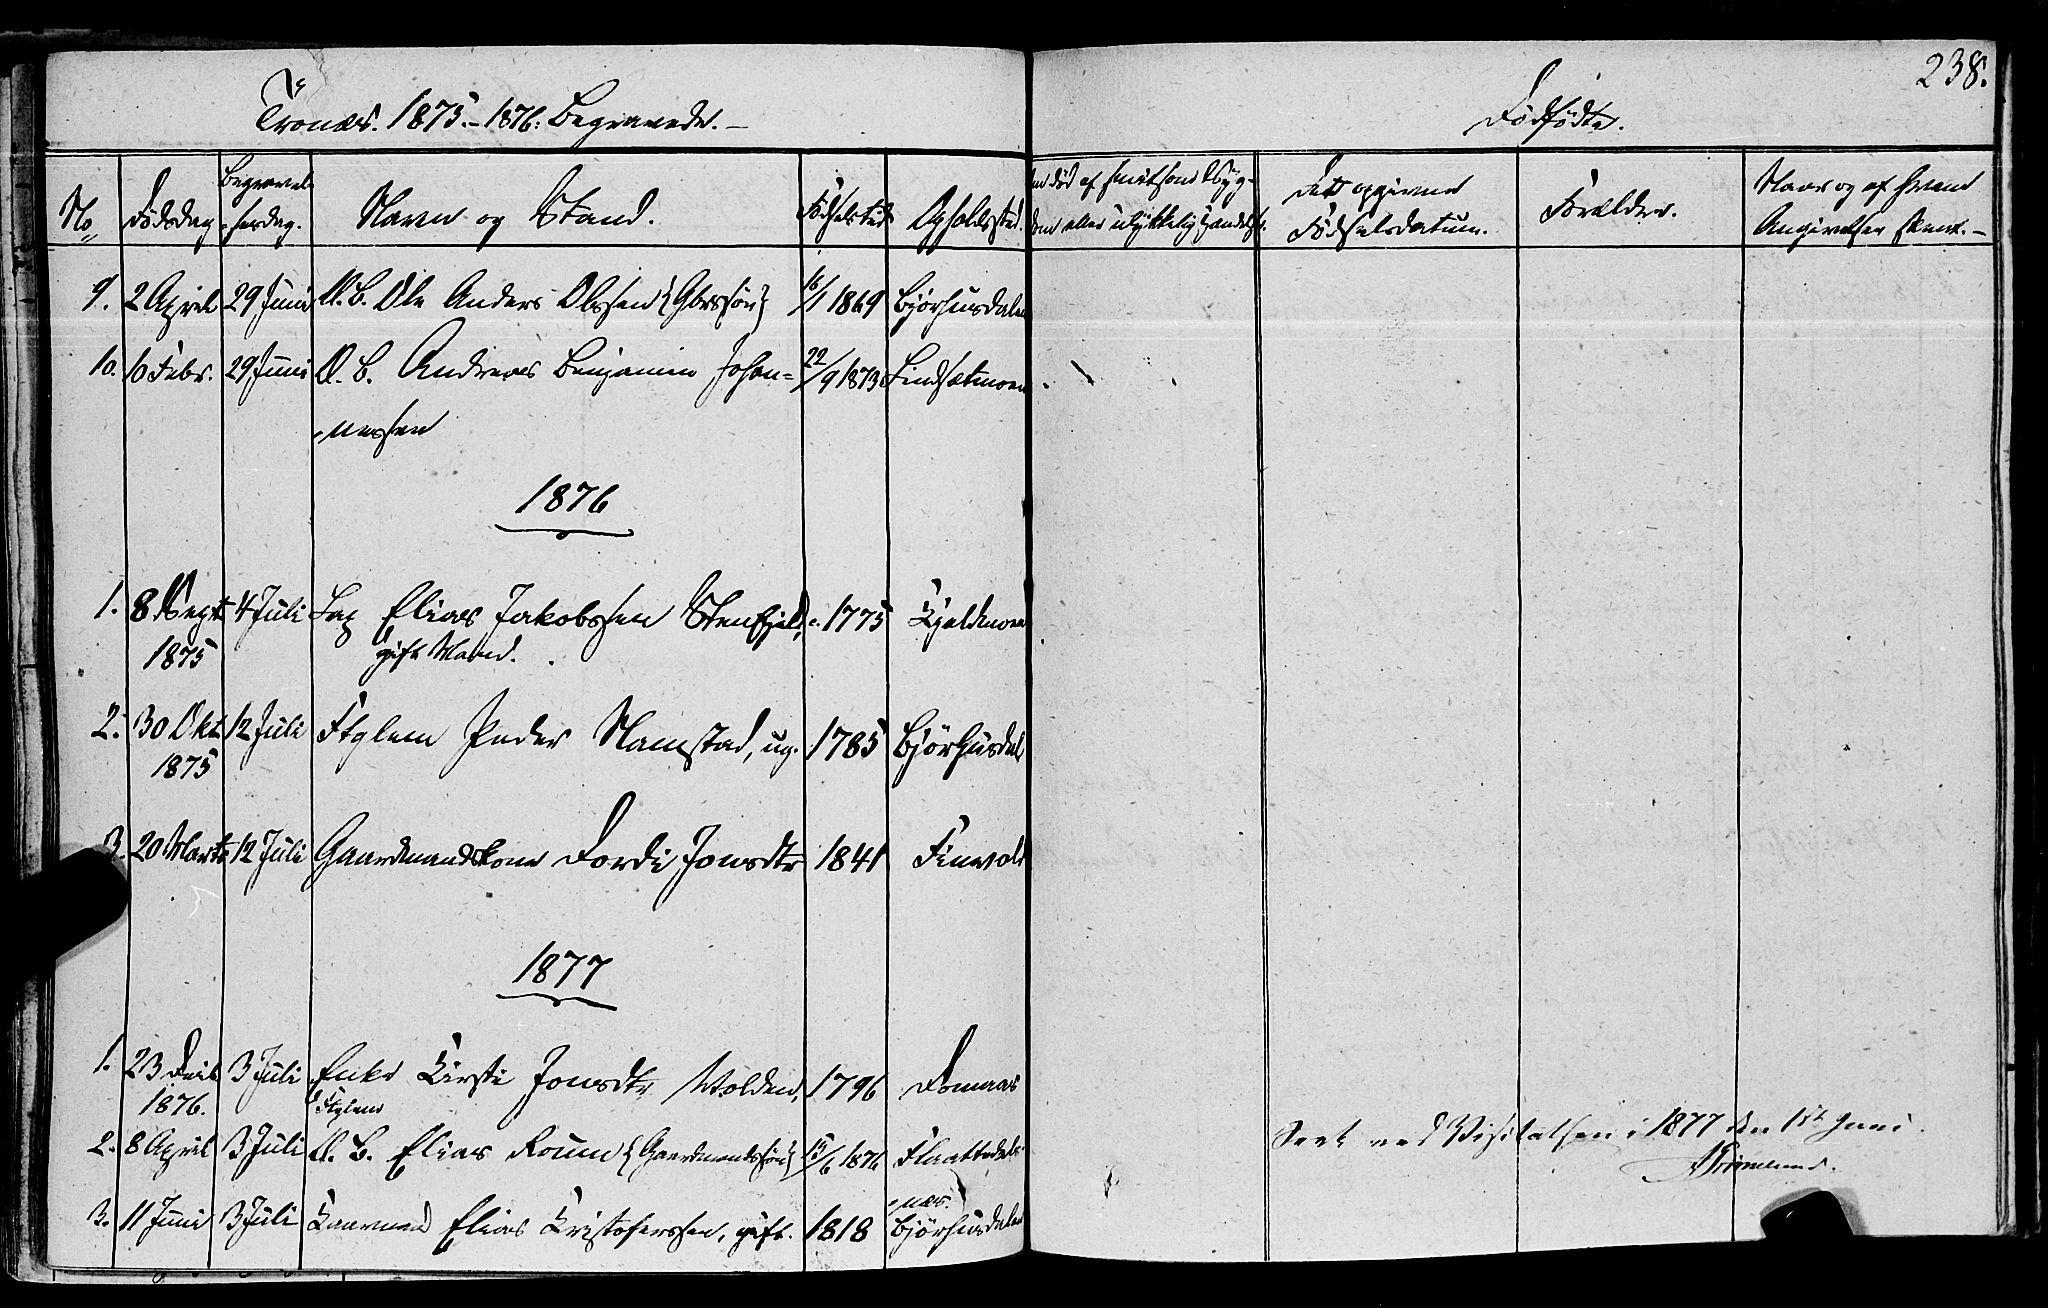 SAT, Ministerialprotokoller, klokkerbøker og fødselsregistre - Nord-Trøndelag, 762/L0538: Ministerialbok nr. 762A02 /2, 1833-1879, s. 238